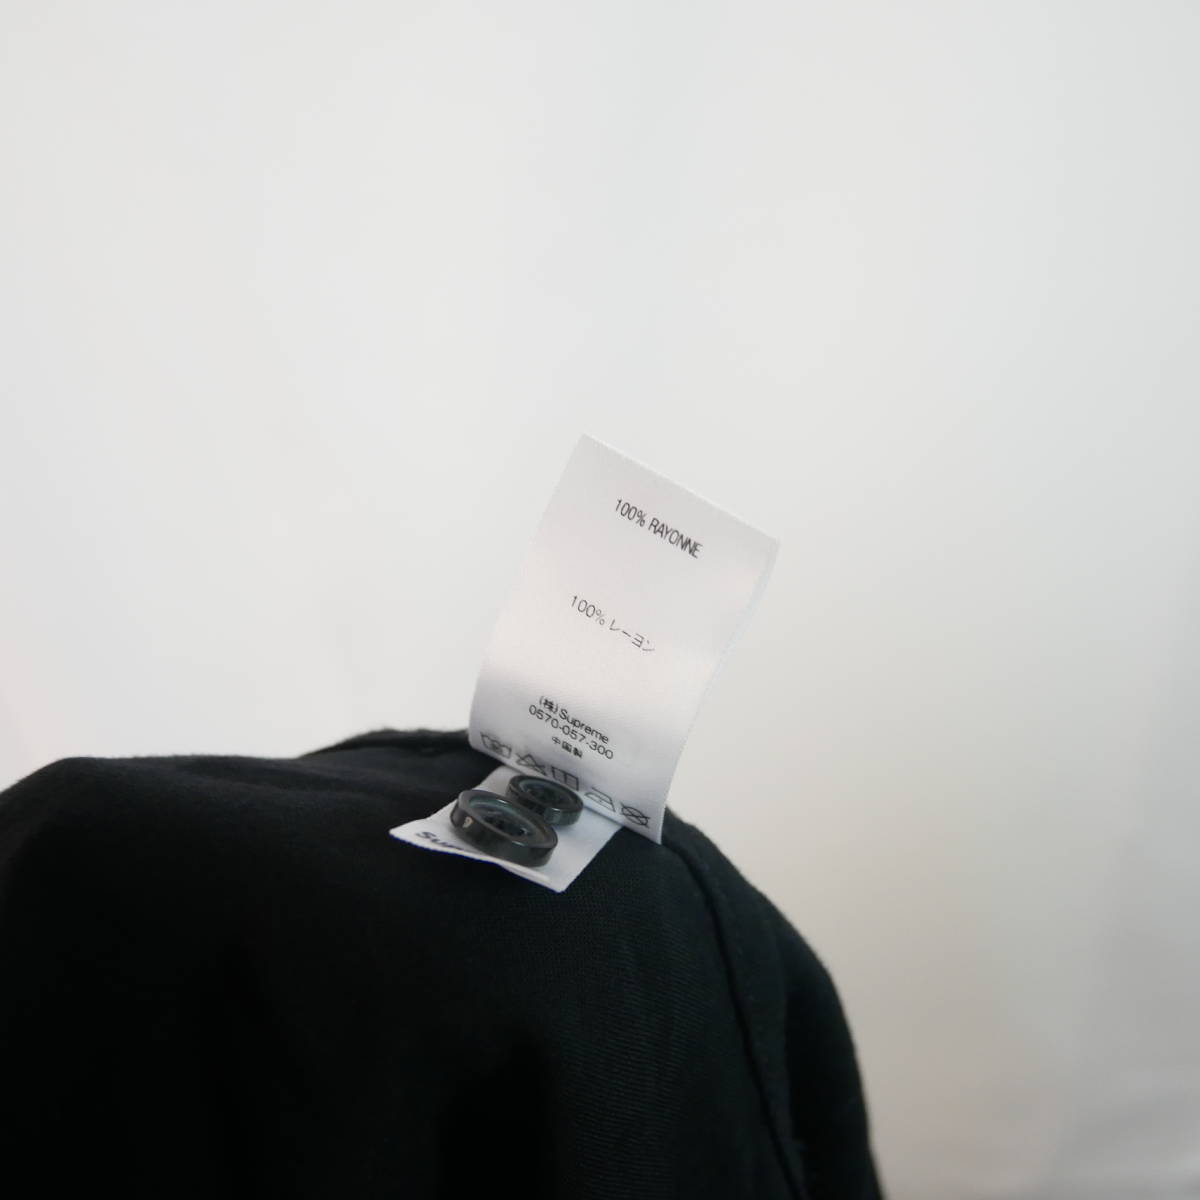 【1円】良好 国内正規 Supreme 18AW 18FW Dragon Rayon Shirt ドラゴンレーヨンシャツ Black 黒 XL_画像7